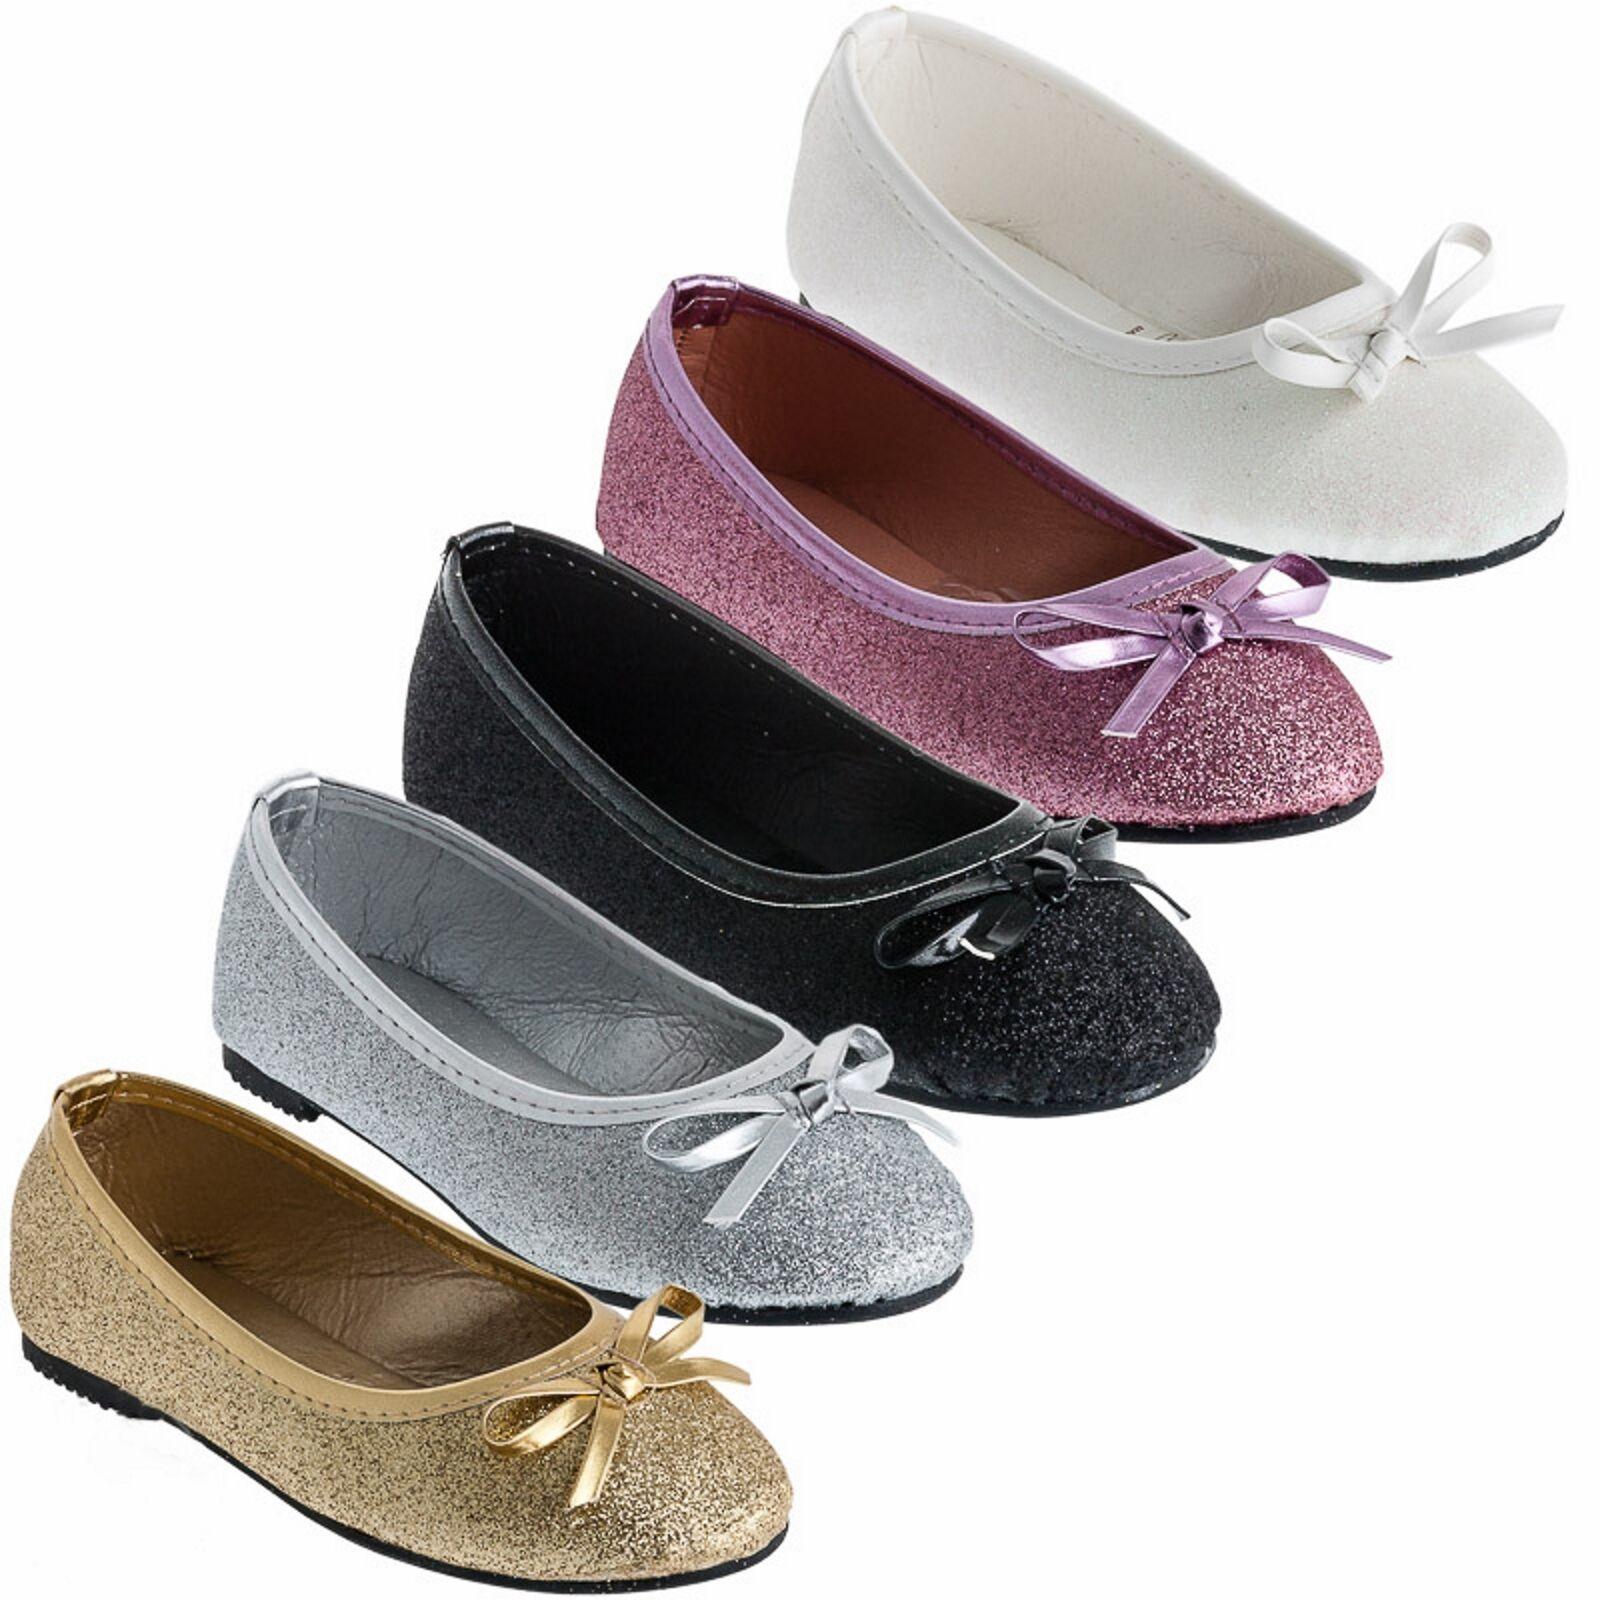 Festliche Mädchen Ballerinas Schuhe Glitzer Schleife Hochzeit Kommunion Freizeit